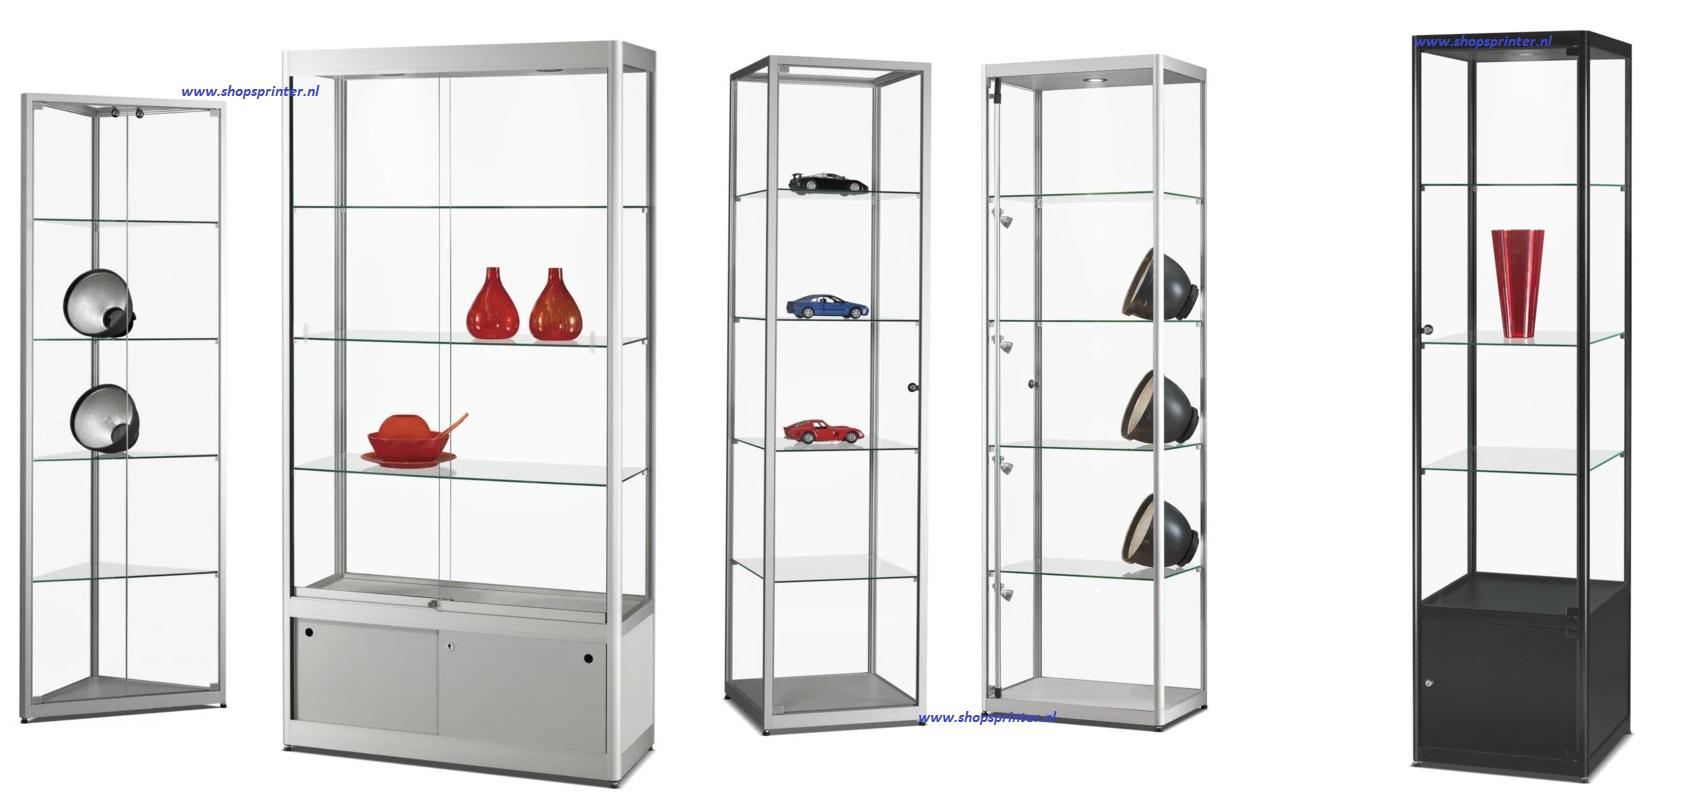 Standaard vitrines